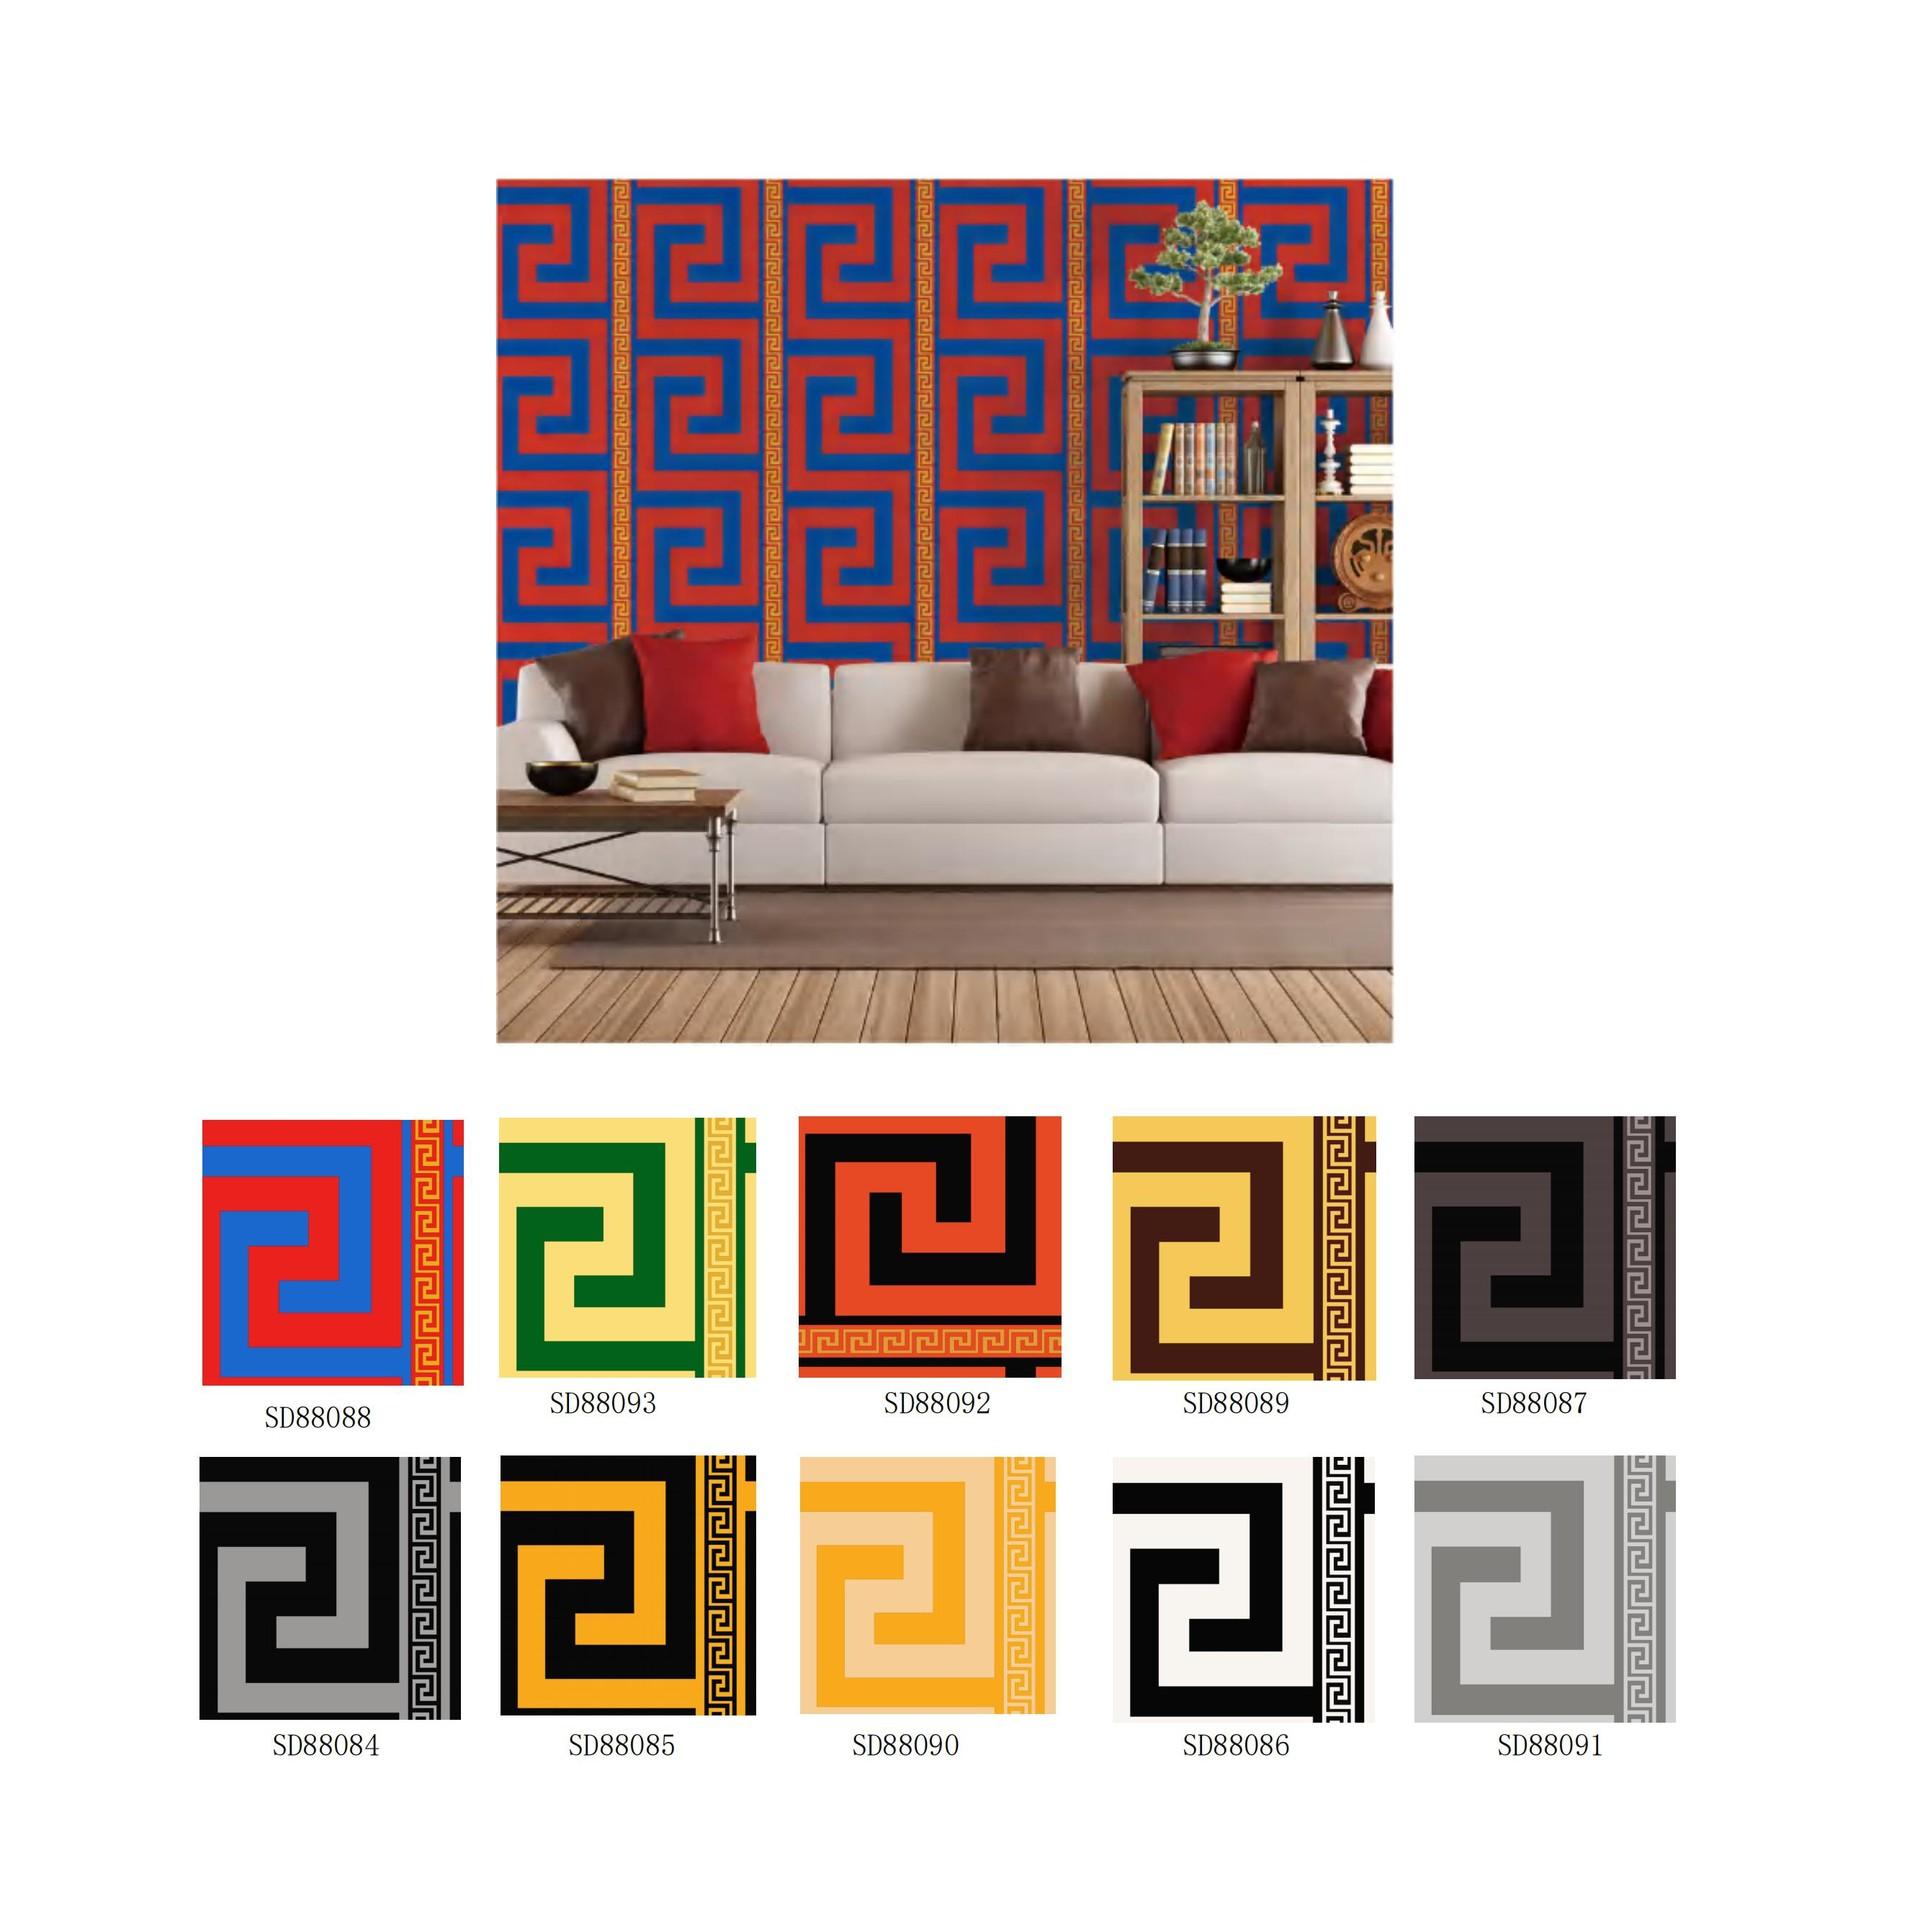 labyrinth design living room background wallpaper